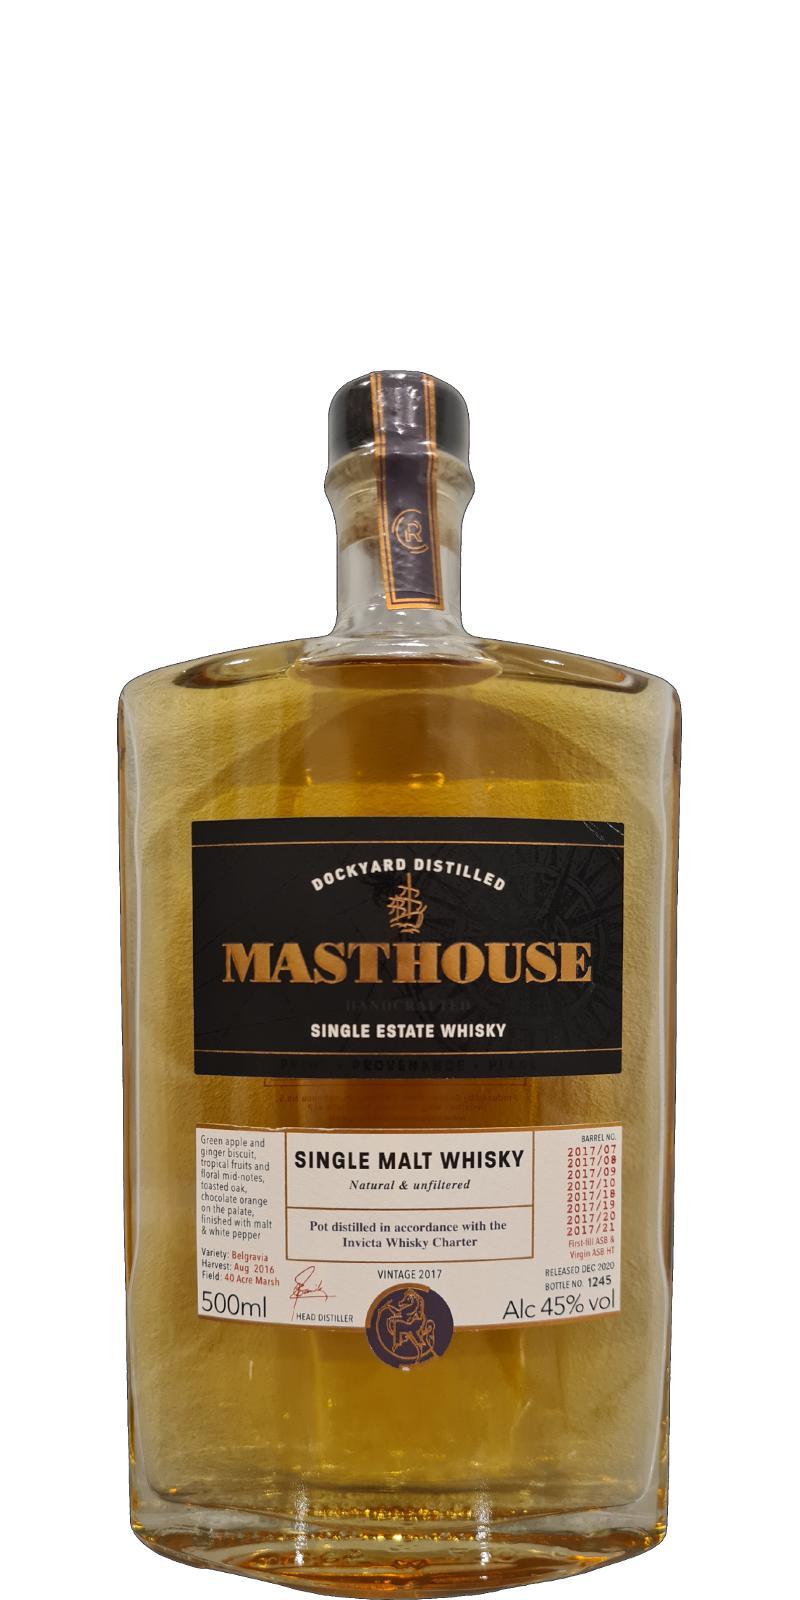 Masthouse 2017